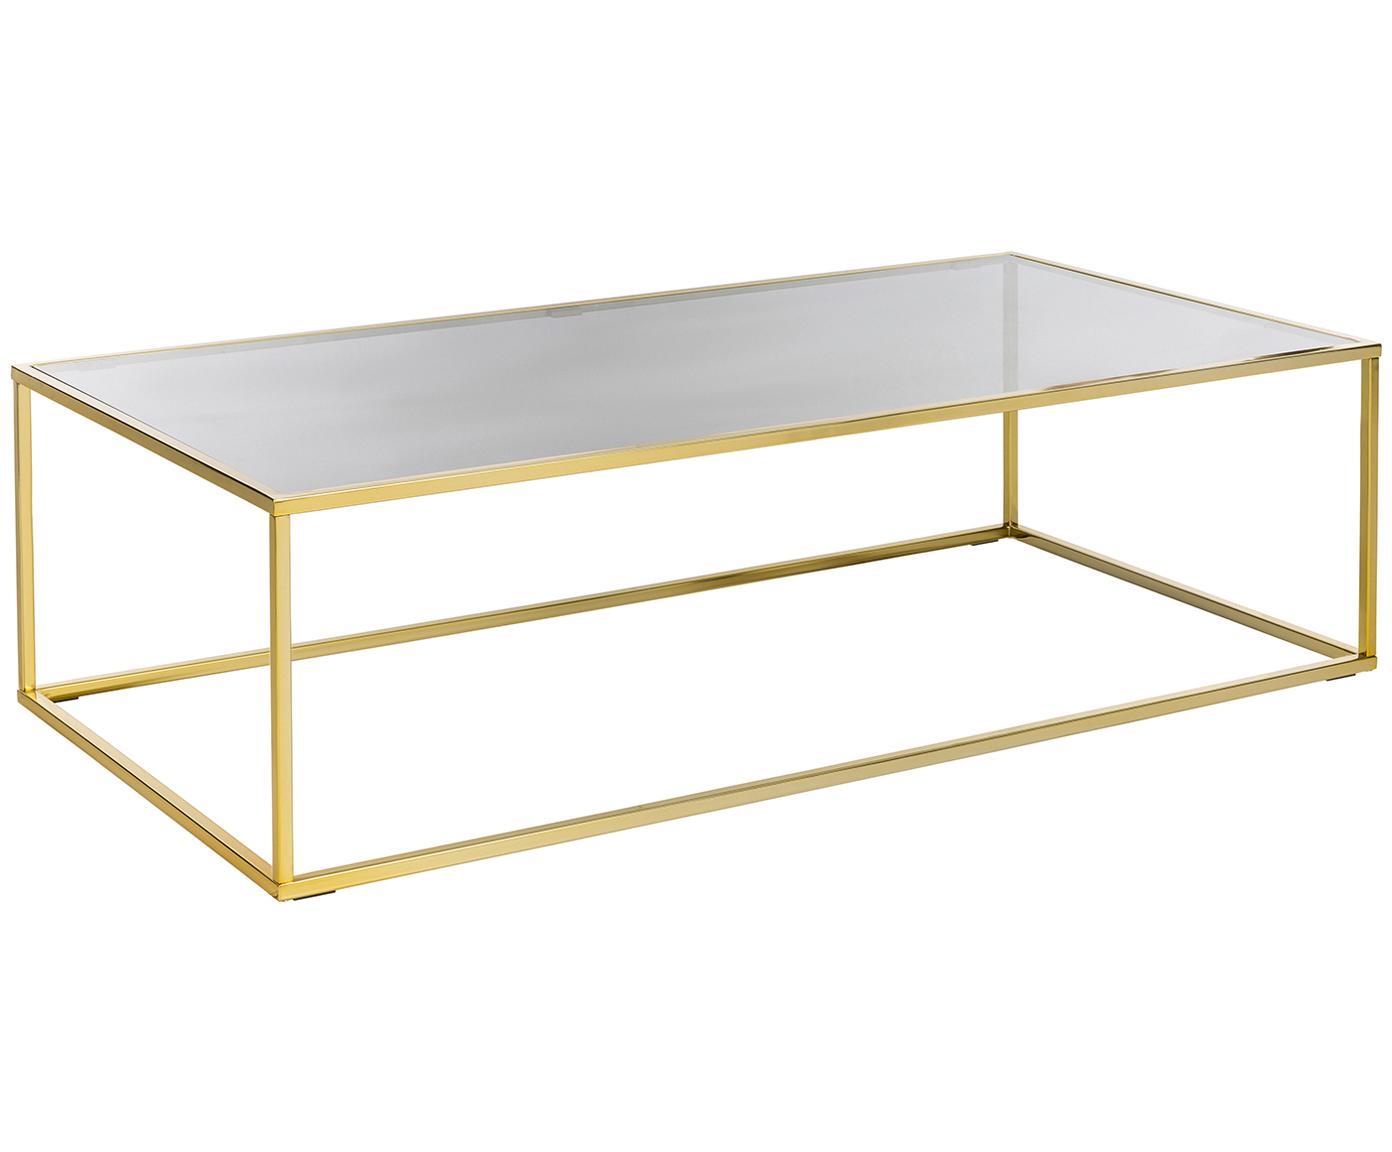 Tavolino da salotto Maya, Piano d'appoggio: vetro temperato, Struttura: metallo zincato, Piano d'appoggio: vetro tinto nero Struttura: dorato lucido, L 130 x P 65 cm